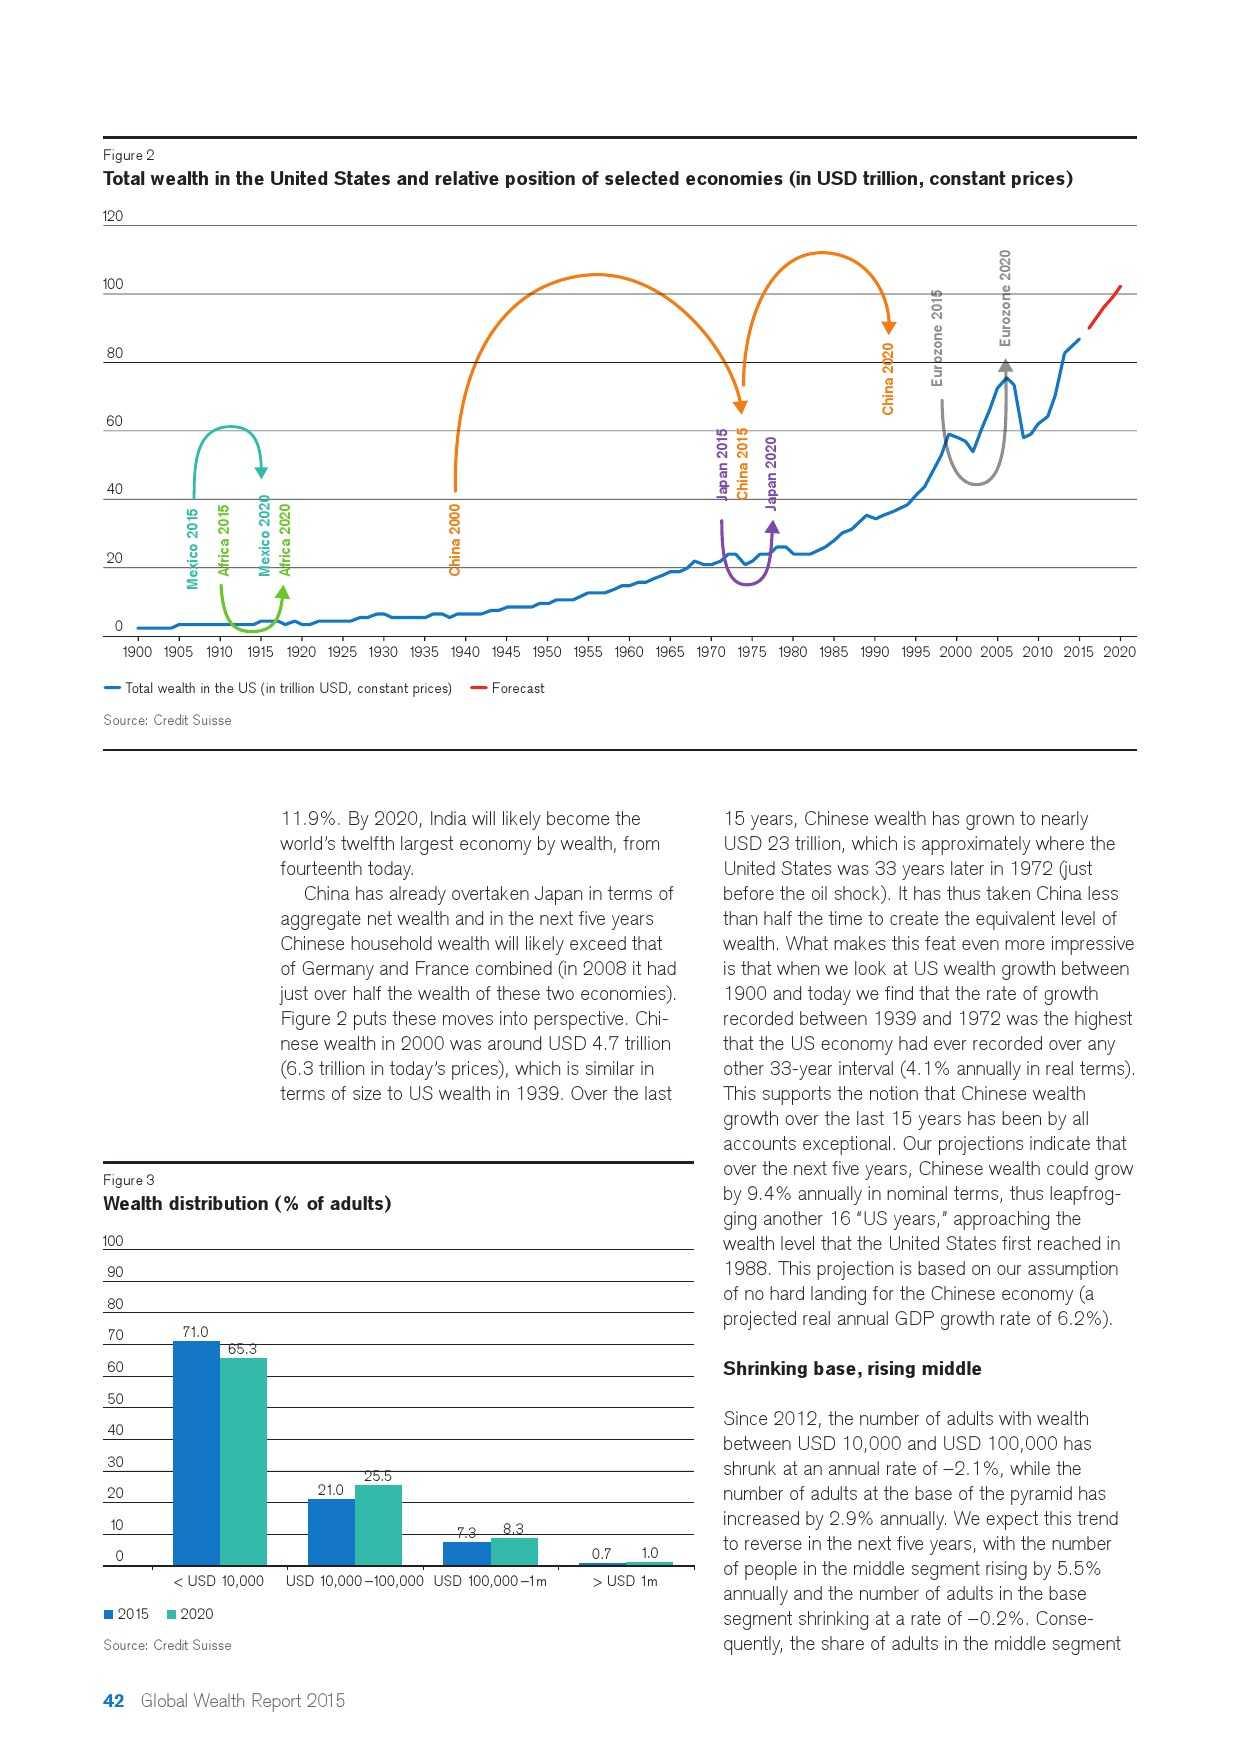 瑞士信贷:2015年全球财富报告_000042